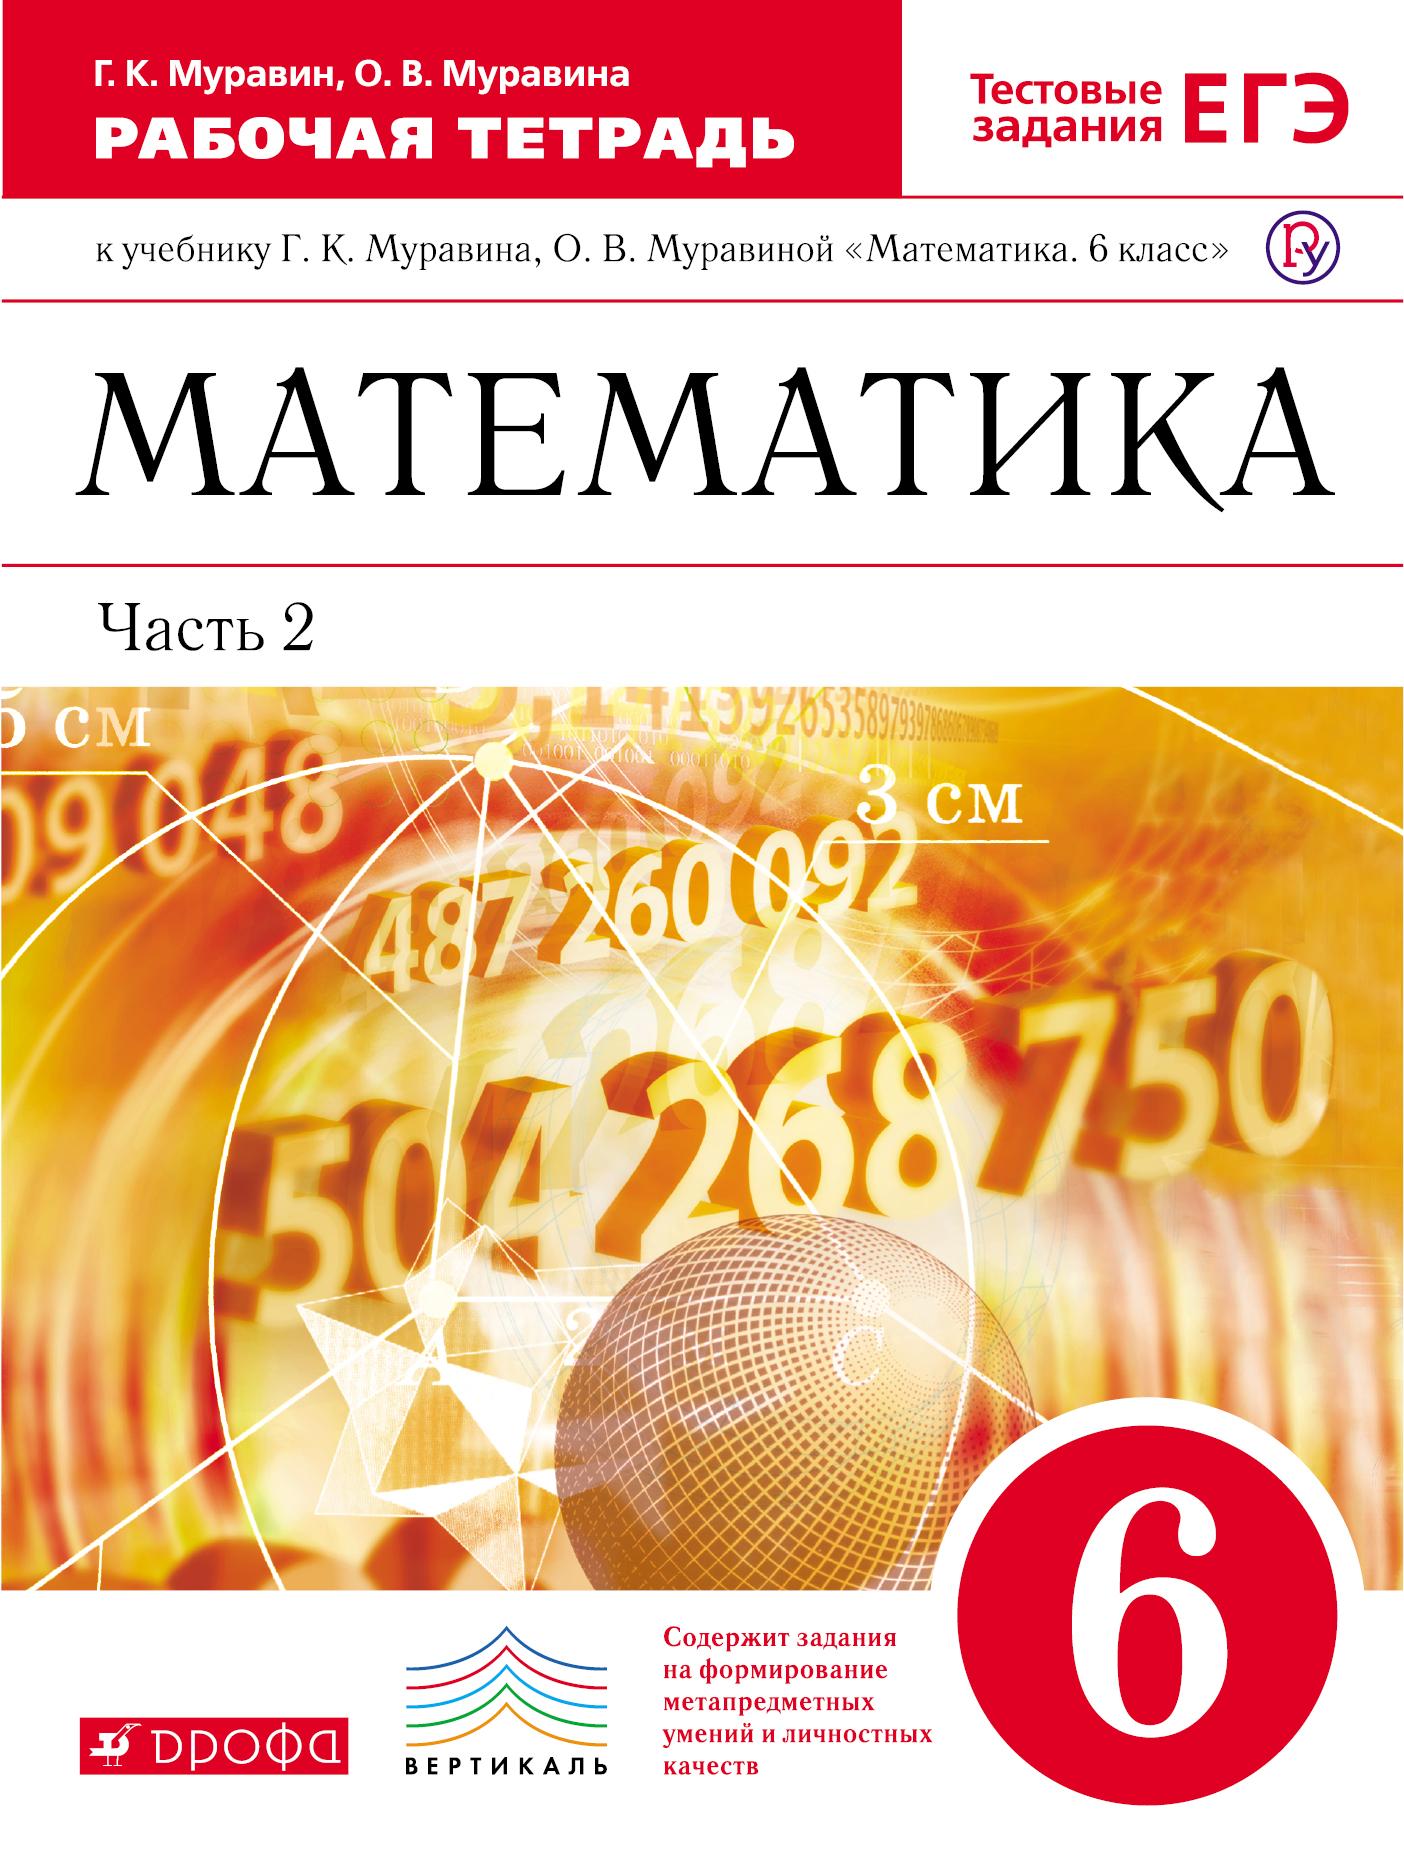 Математика. 6 класс.Рабочая тетрадь (с тестовыми заданиями ЕГЭ). Часть 2